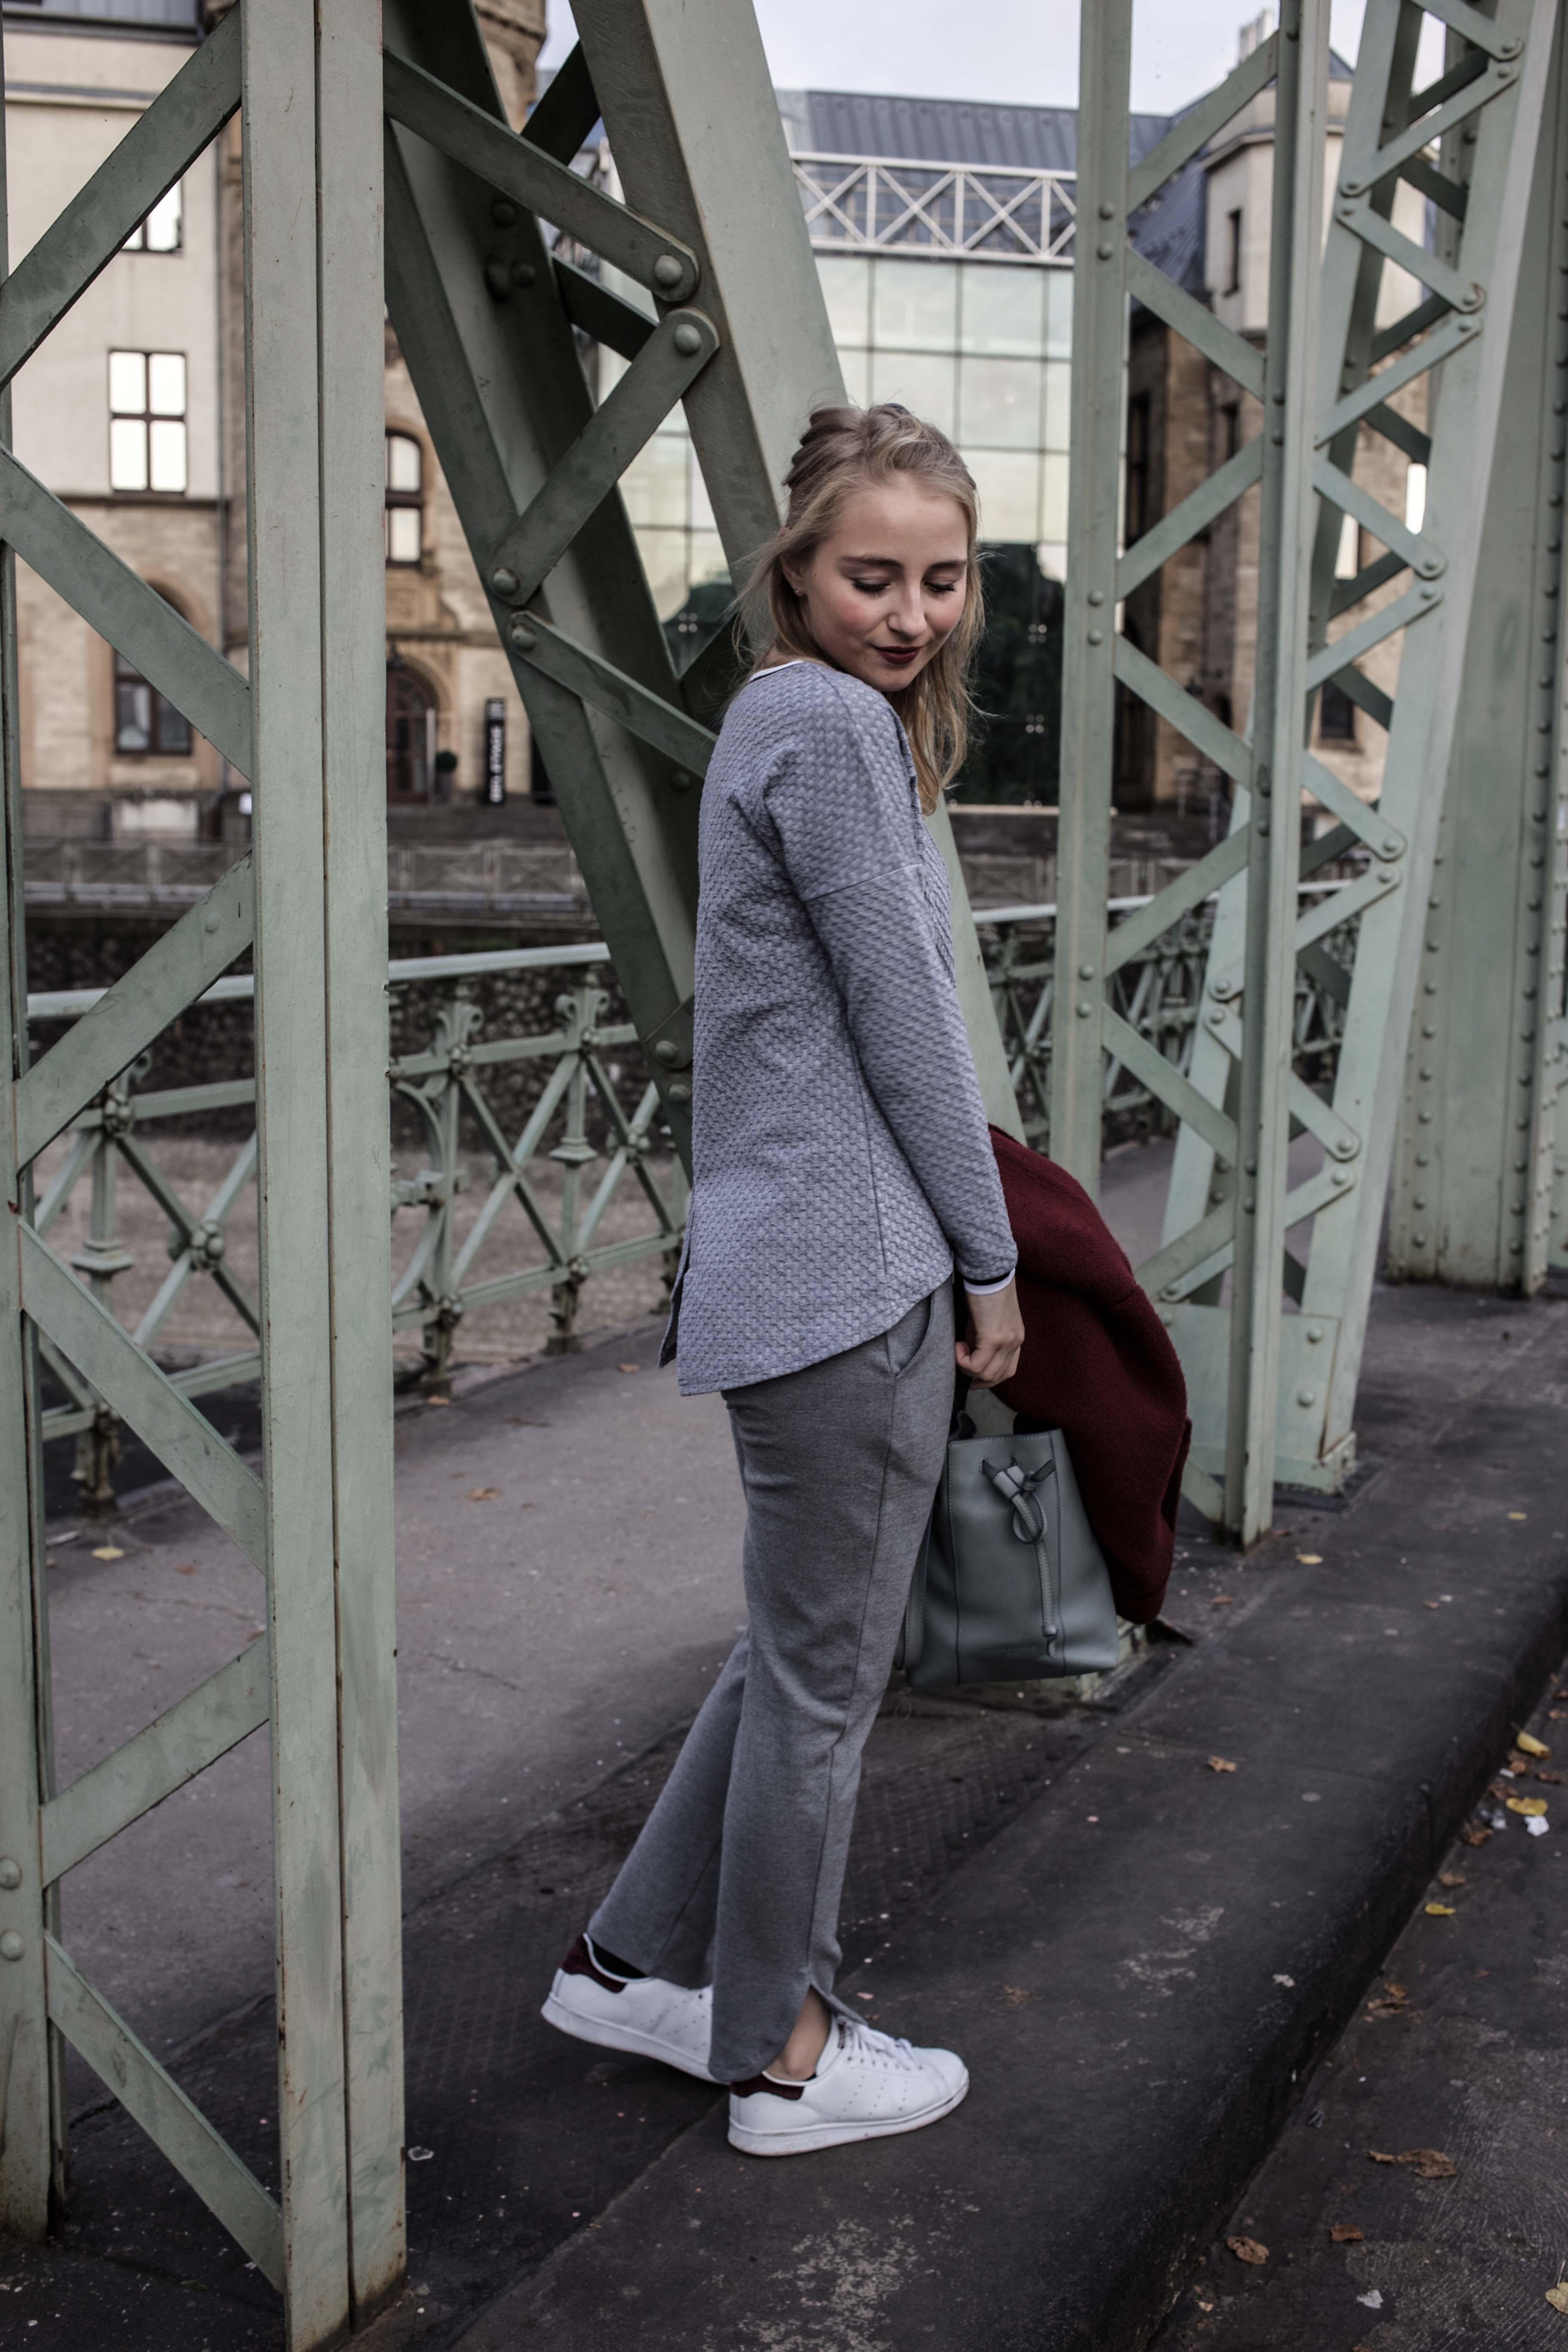 sparkle-store-fashion-sparkle-jogger-pants-alltag-nadel-und-faden-hamburg-designerkleidung-designerklamotten-modeblog-koeln-fashionblog-berlin_6813